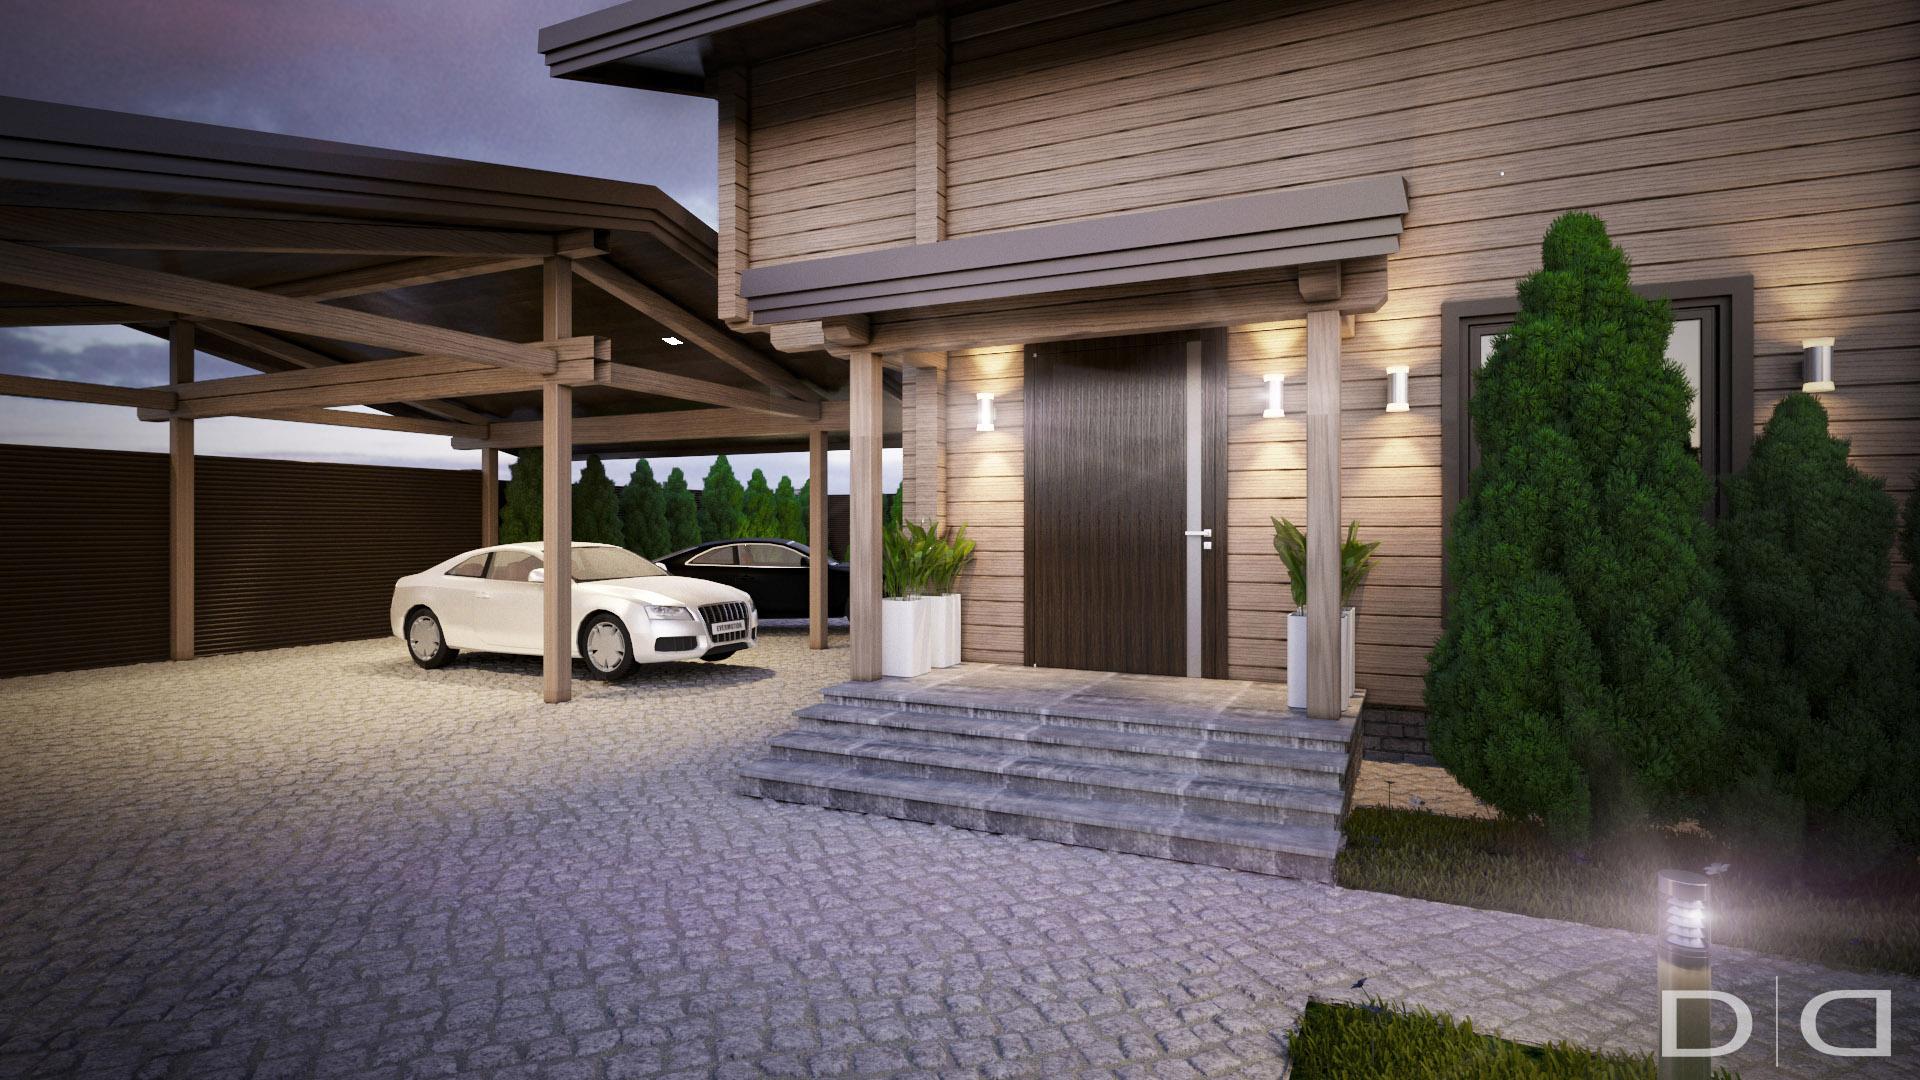 01_dd-interior_studio_design_project_minsk_009-11